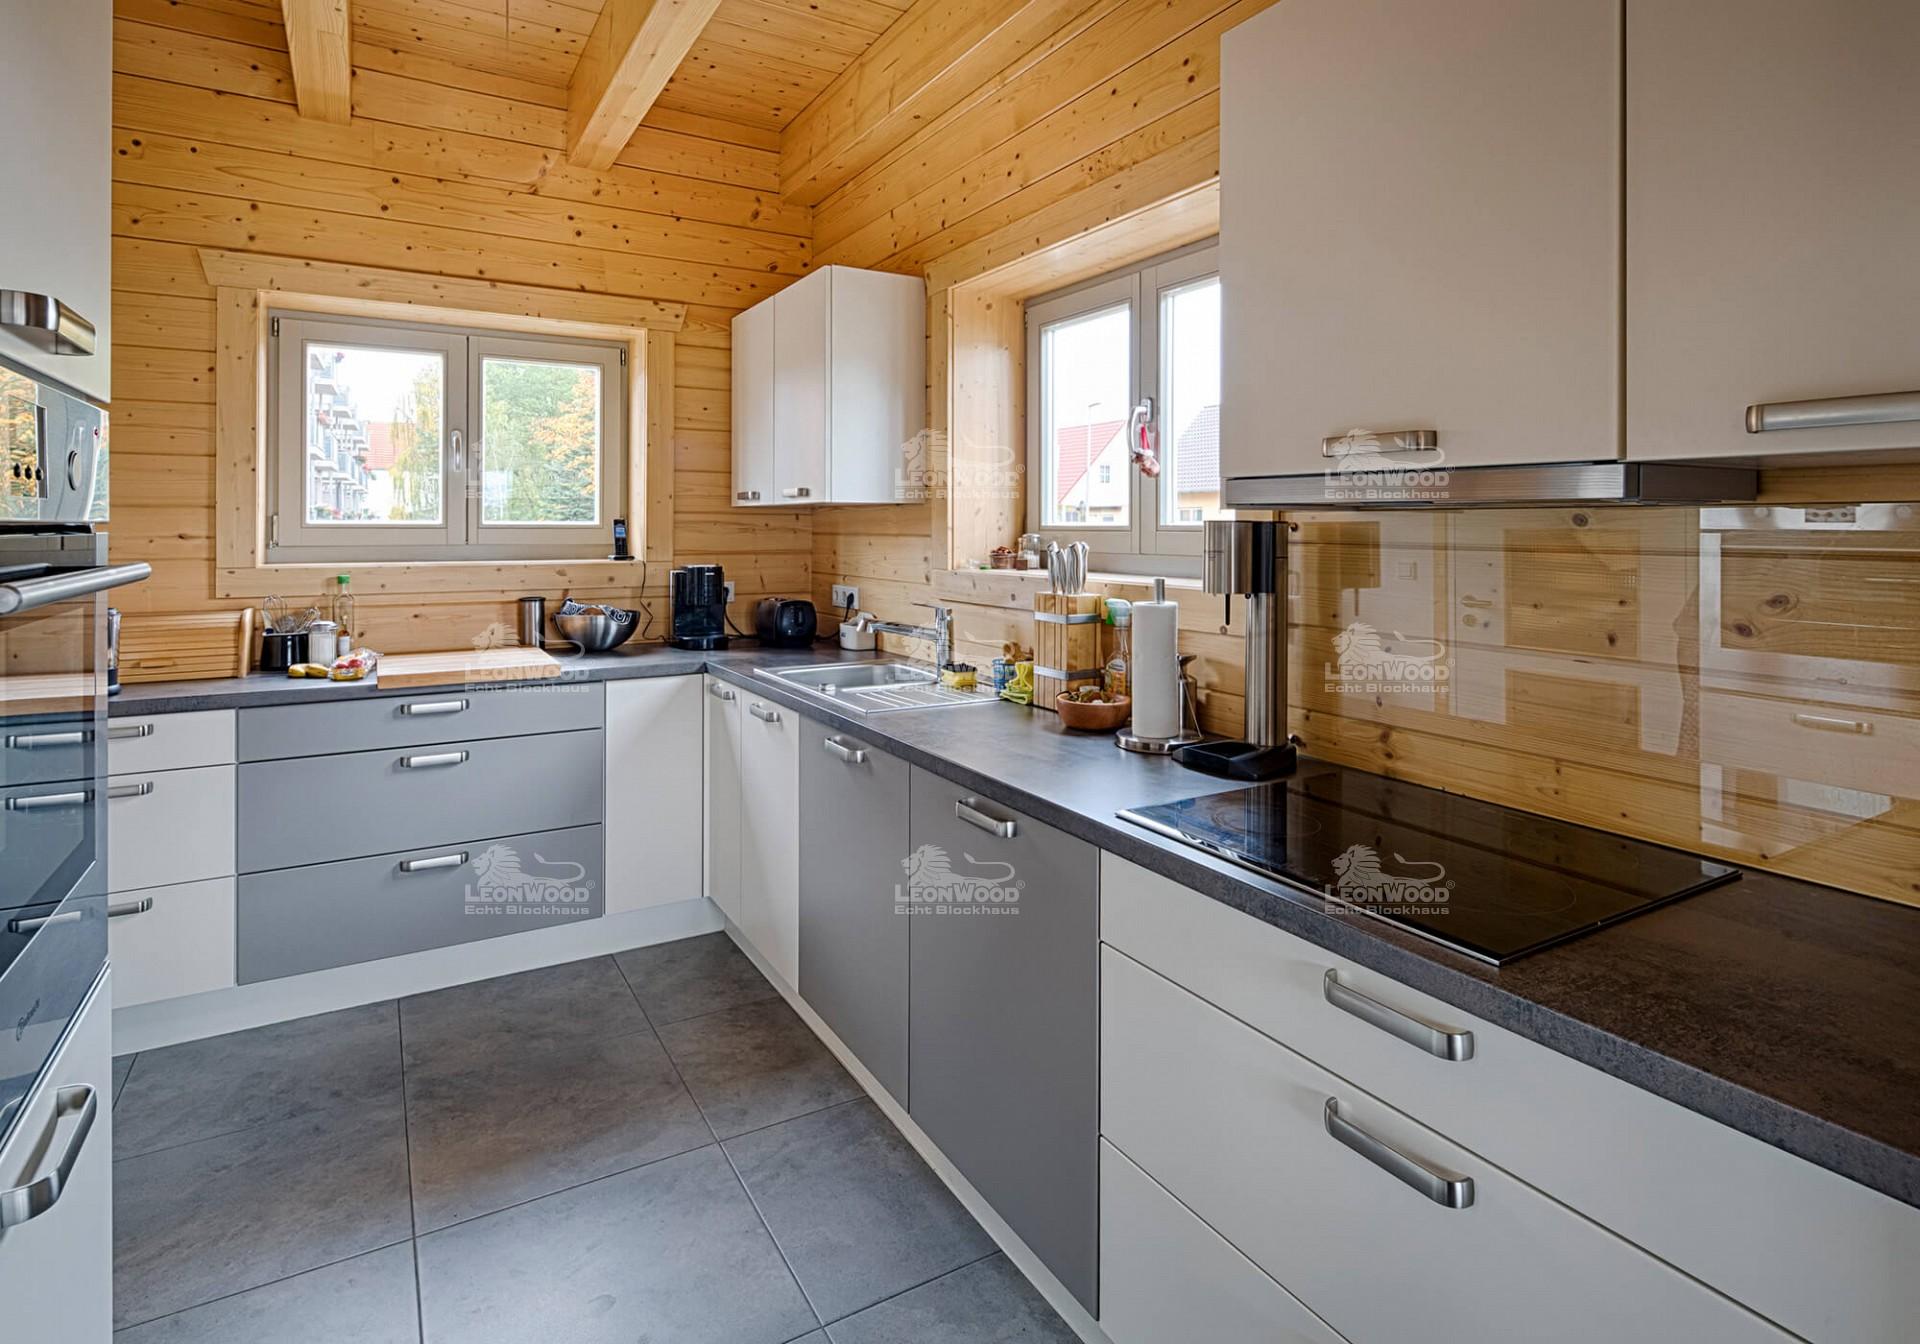 Schön Blockhaus Bilder Von Der Küche Fotos - Küche Set Ideen ...